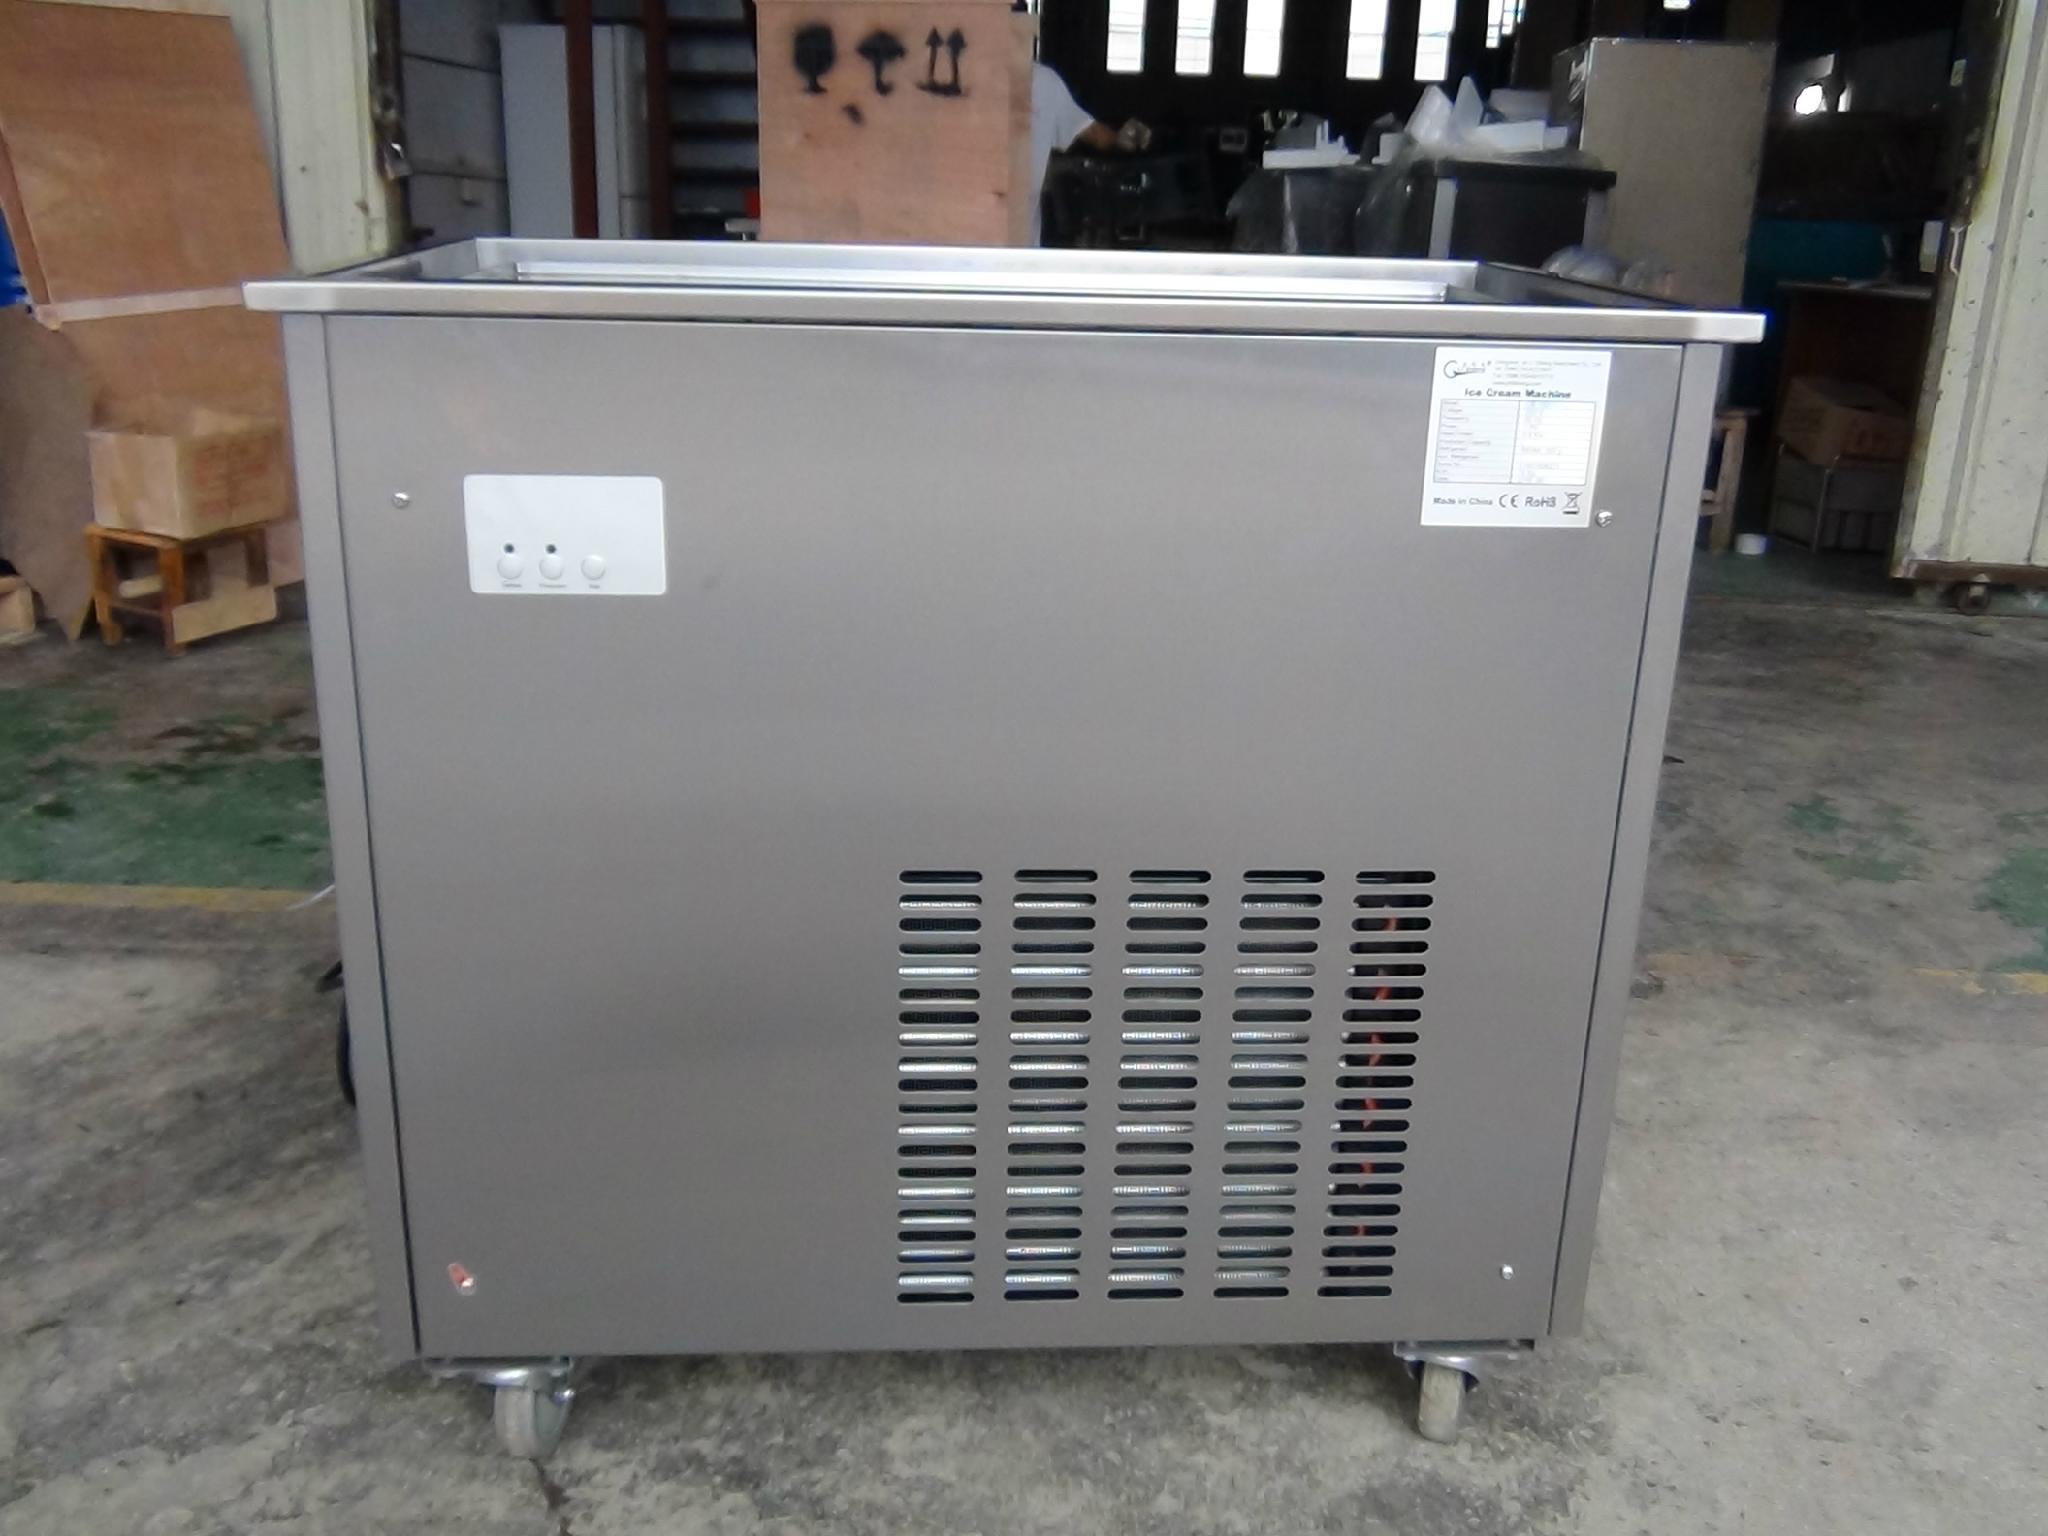 CB-100方盤炒冰機,炒冰機什麼牌子好 2